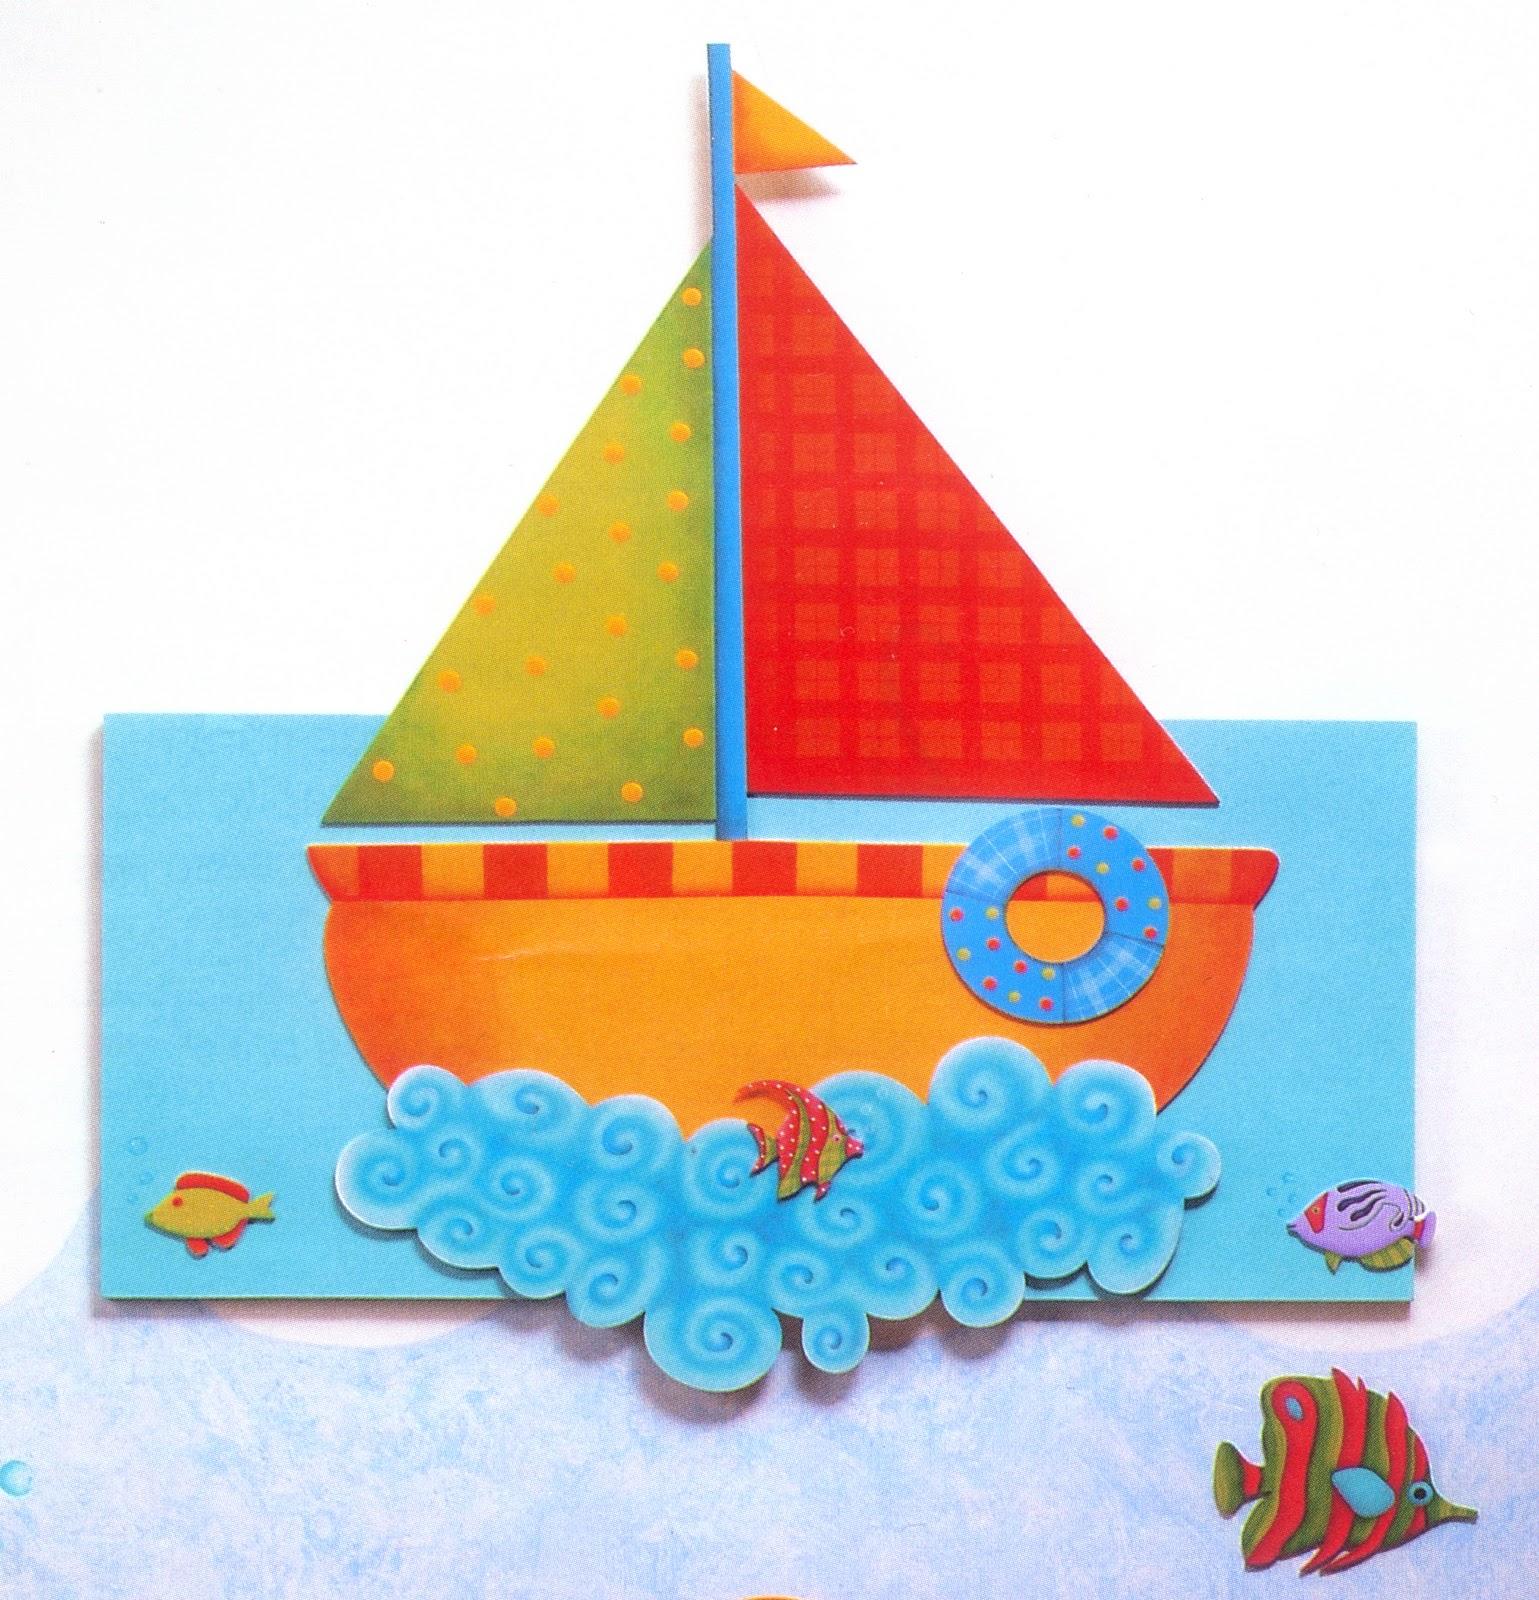 El taller de anita cuadros infantiles - Imagenes de barcos infantiles ...